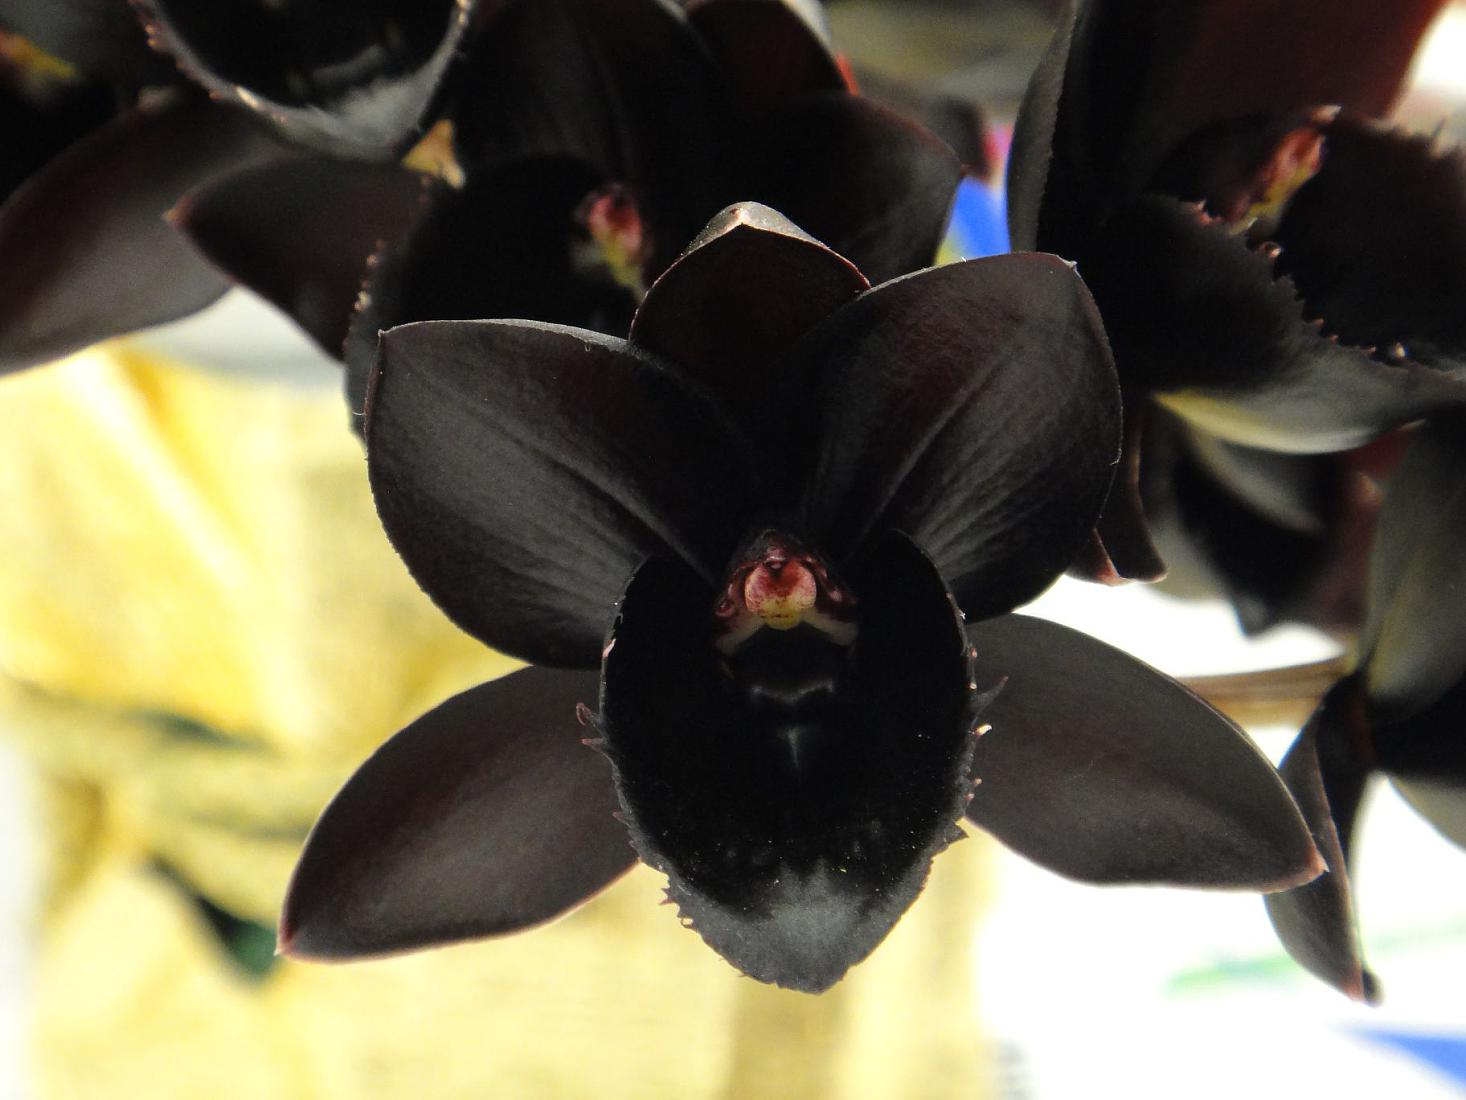 Фаленопсис — цветок черная орхидея, как он выглядит на фото